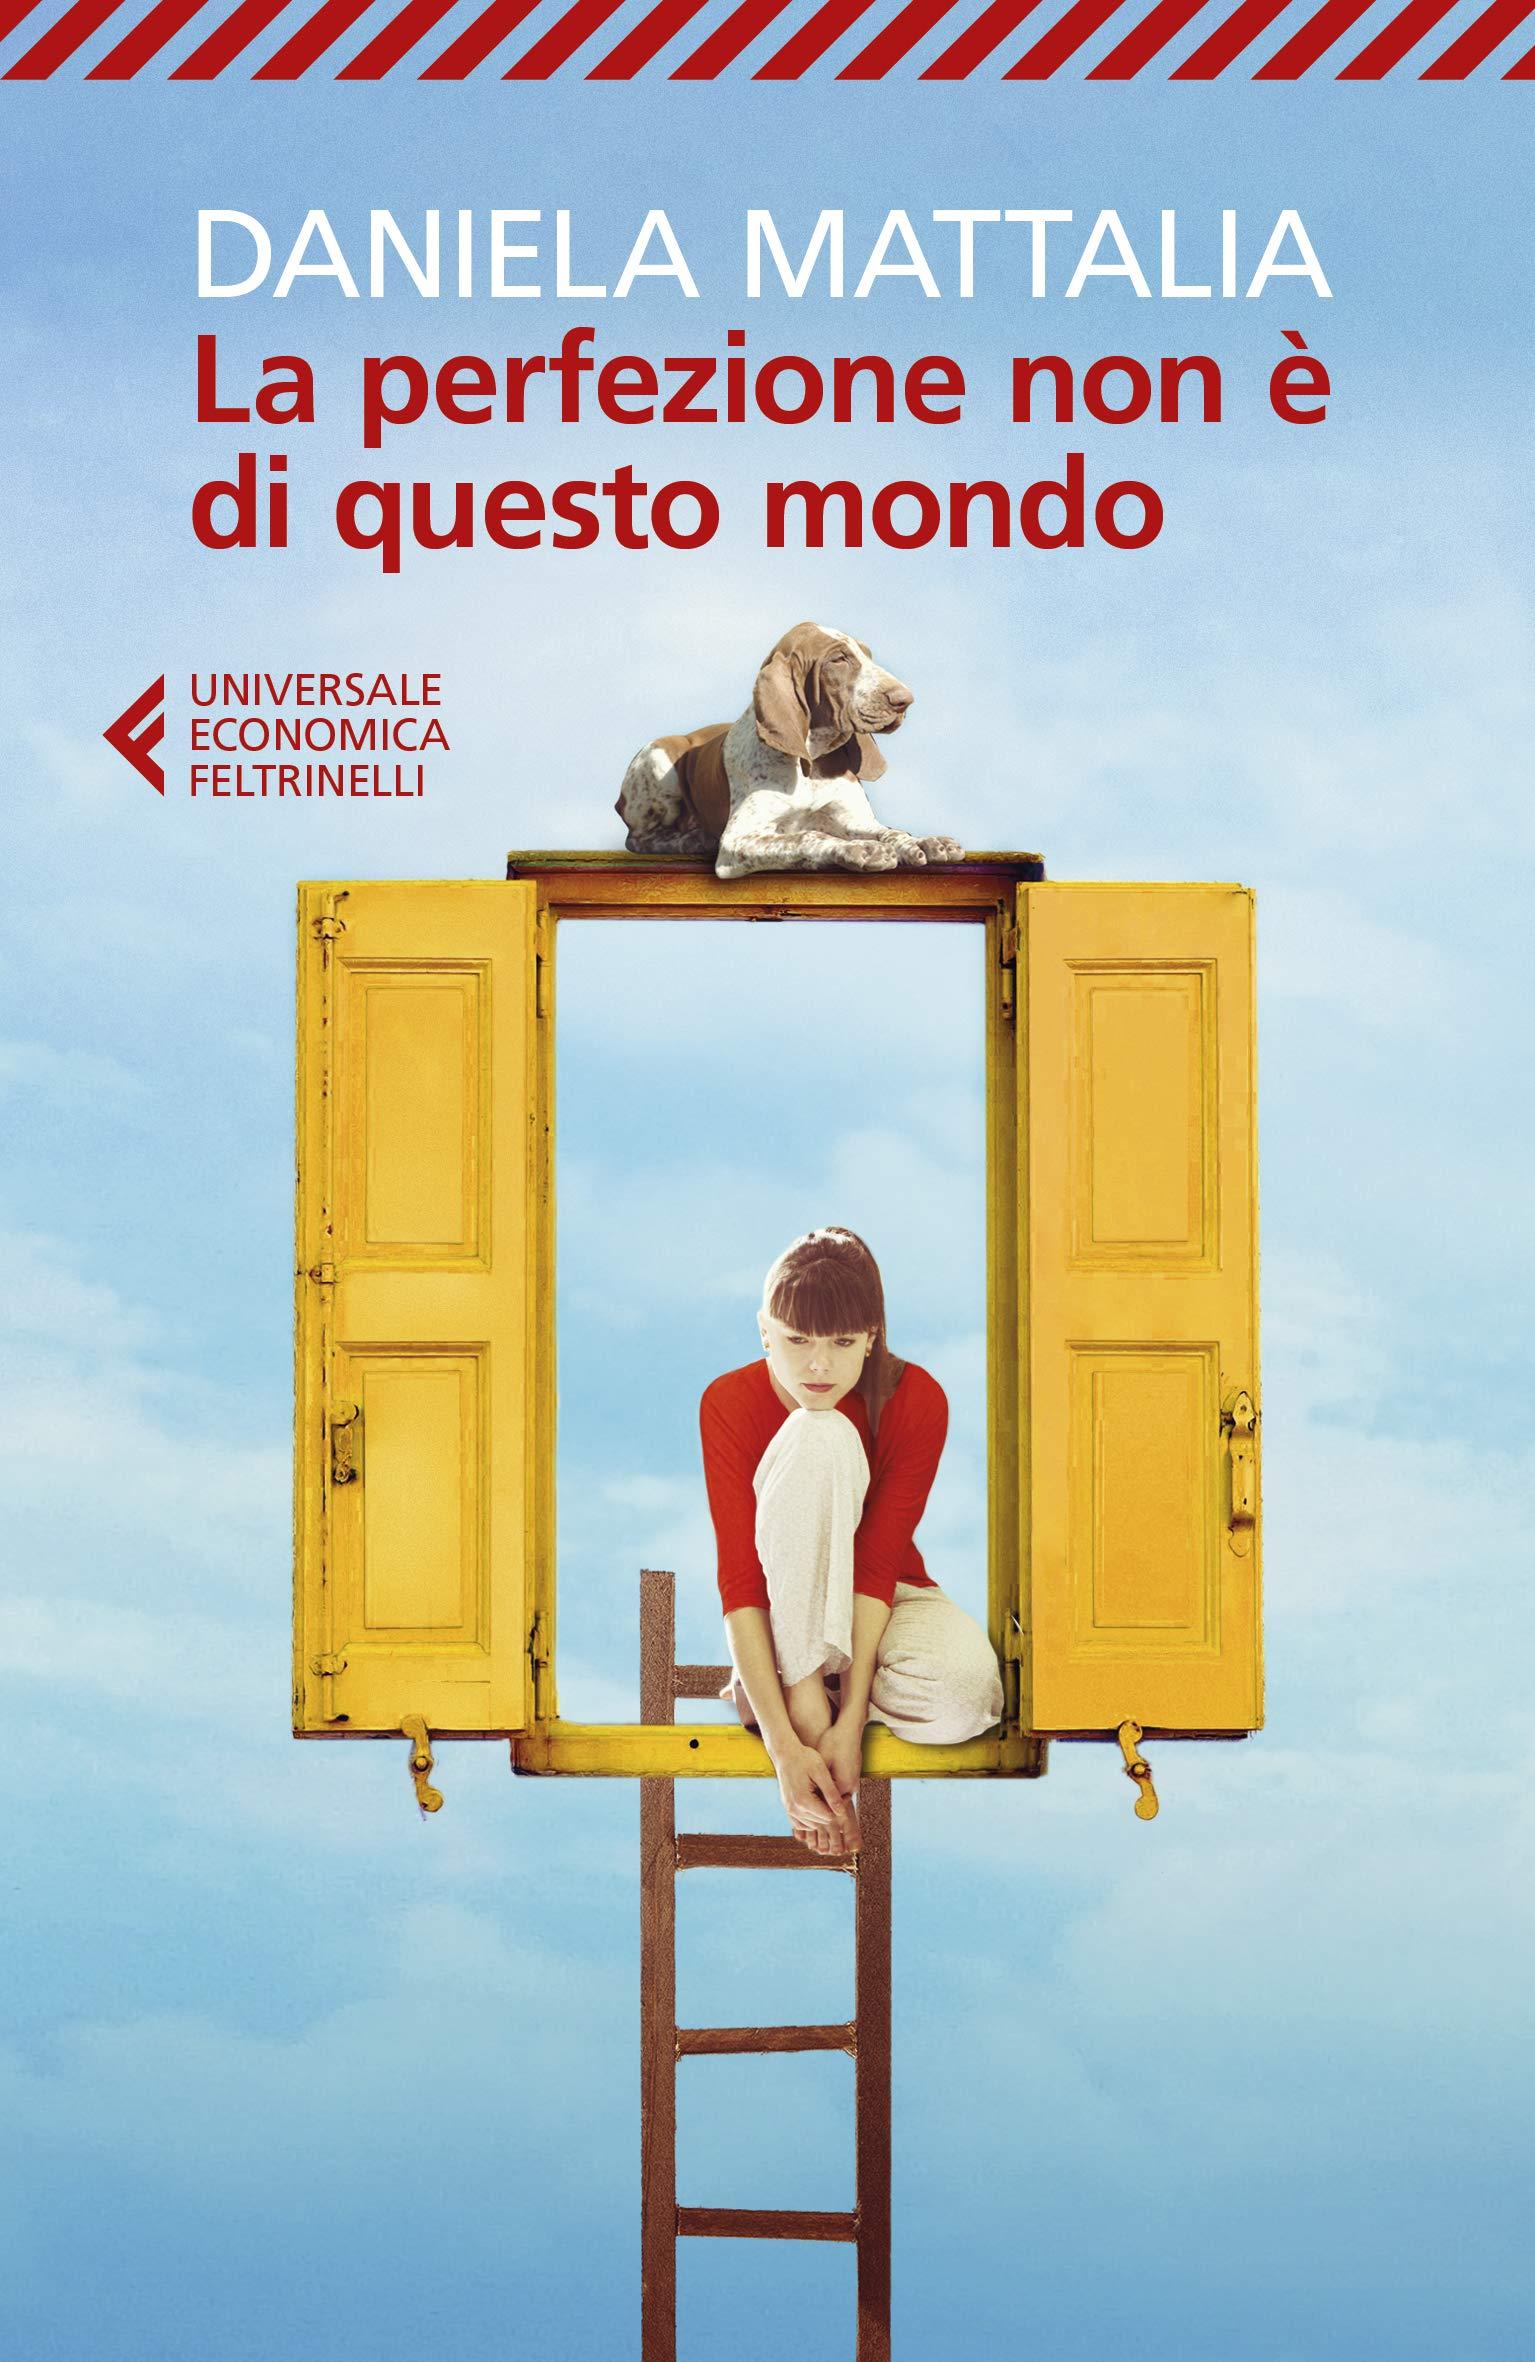 Cover: Daniela Mattalia La perfezione non è di questo mondo